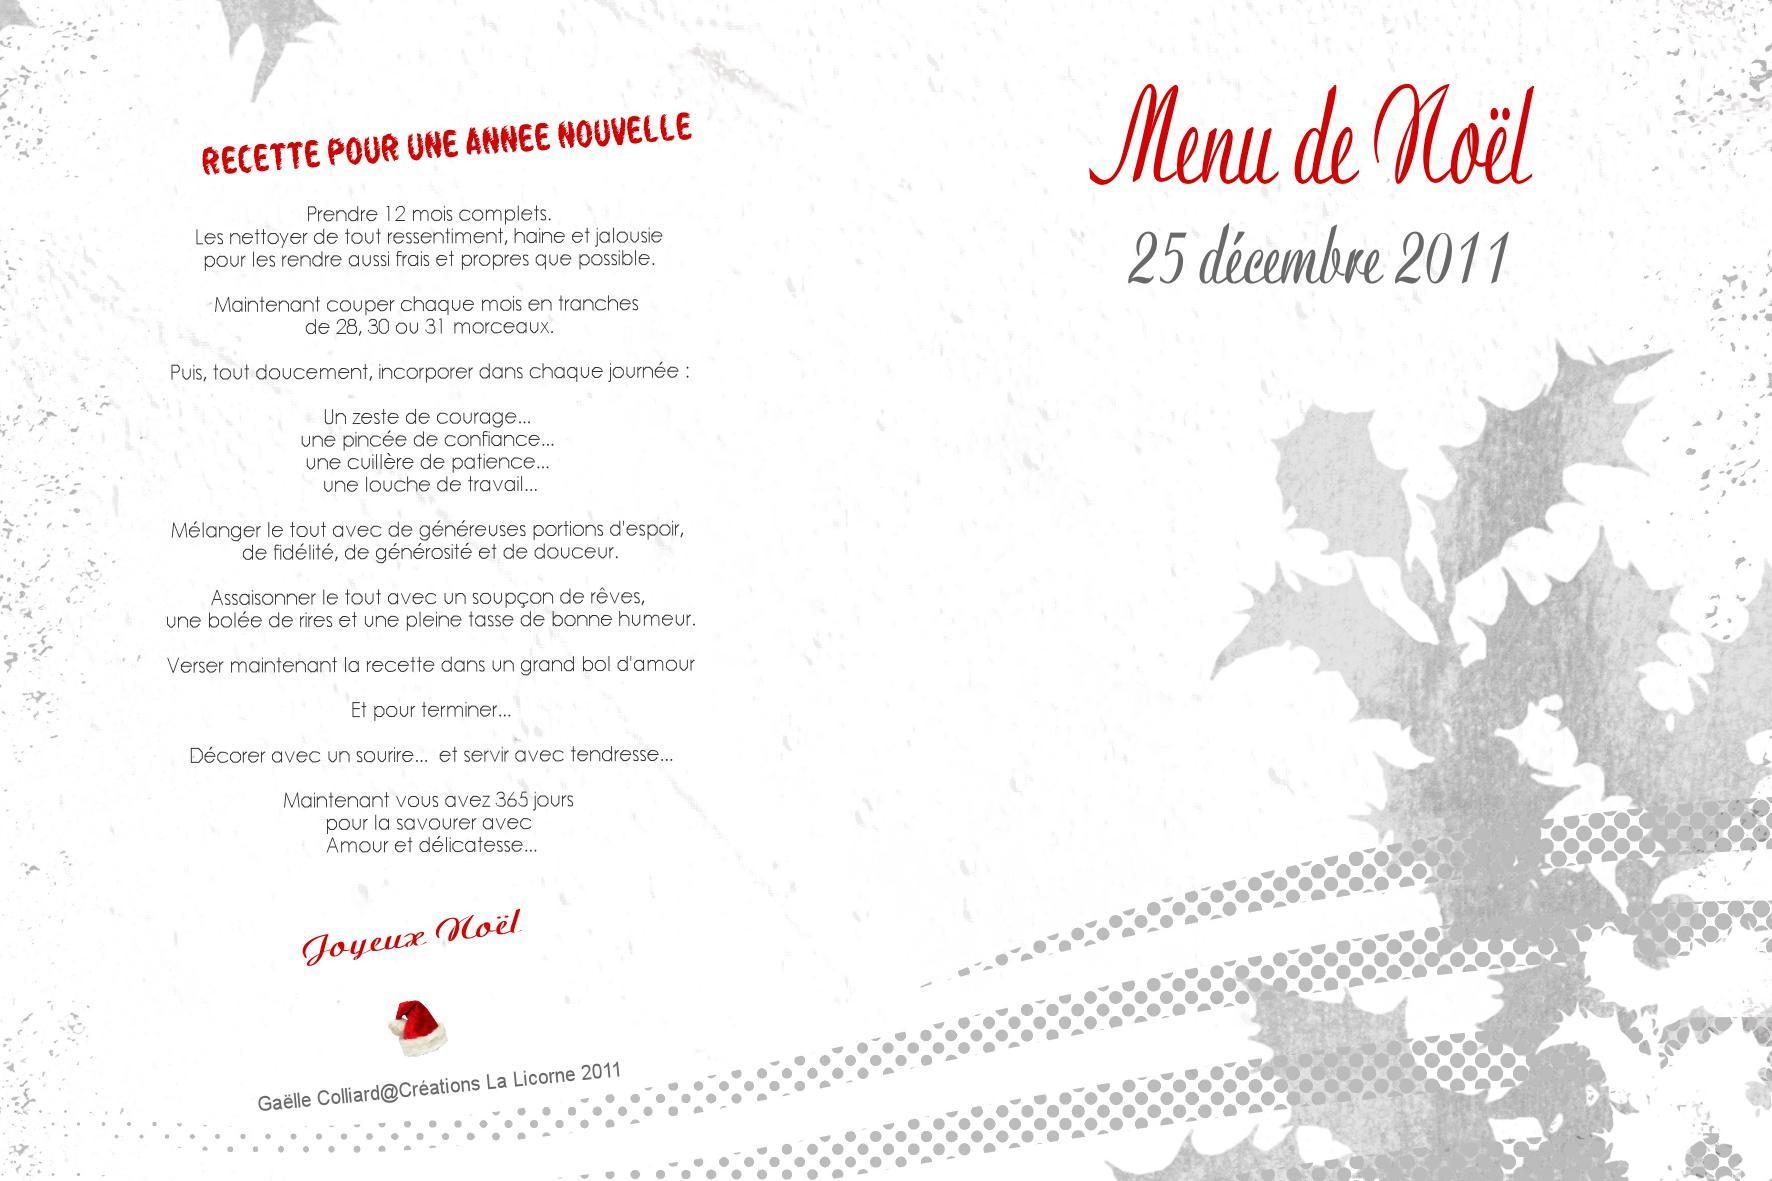 Carte De Menu Pour Noel.Carte De Menu Un Moment Pour Soi